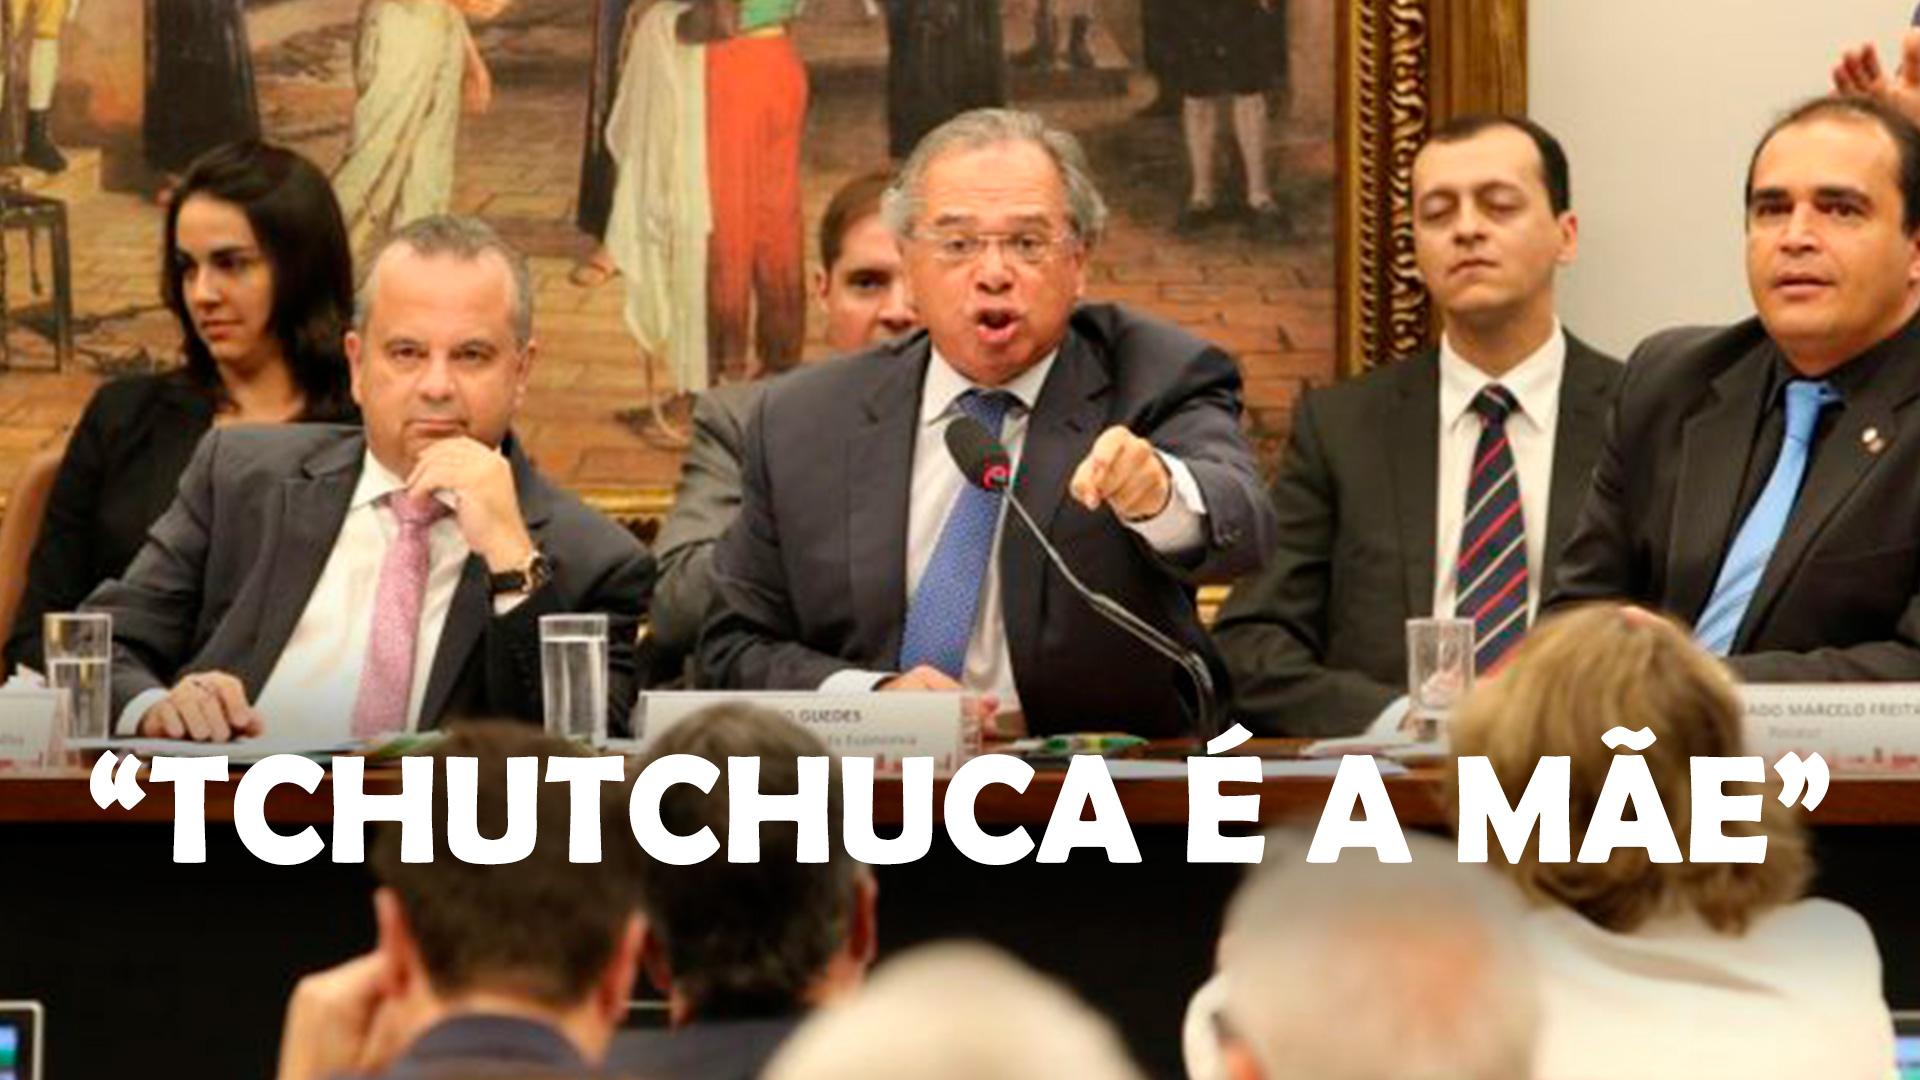 """O ministro da Economia, Paulo Guedes, na Comissão de Constituição e Justiça (CCJ) da Câmara, debate a reforma da Previdência. Escrita na imagem diz """"Tchutchuca é a mãe""""."""